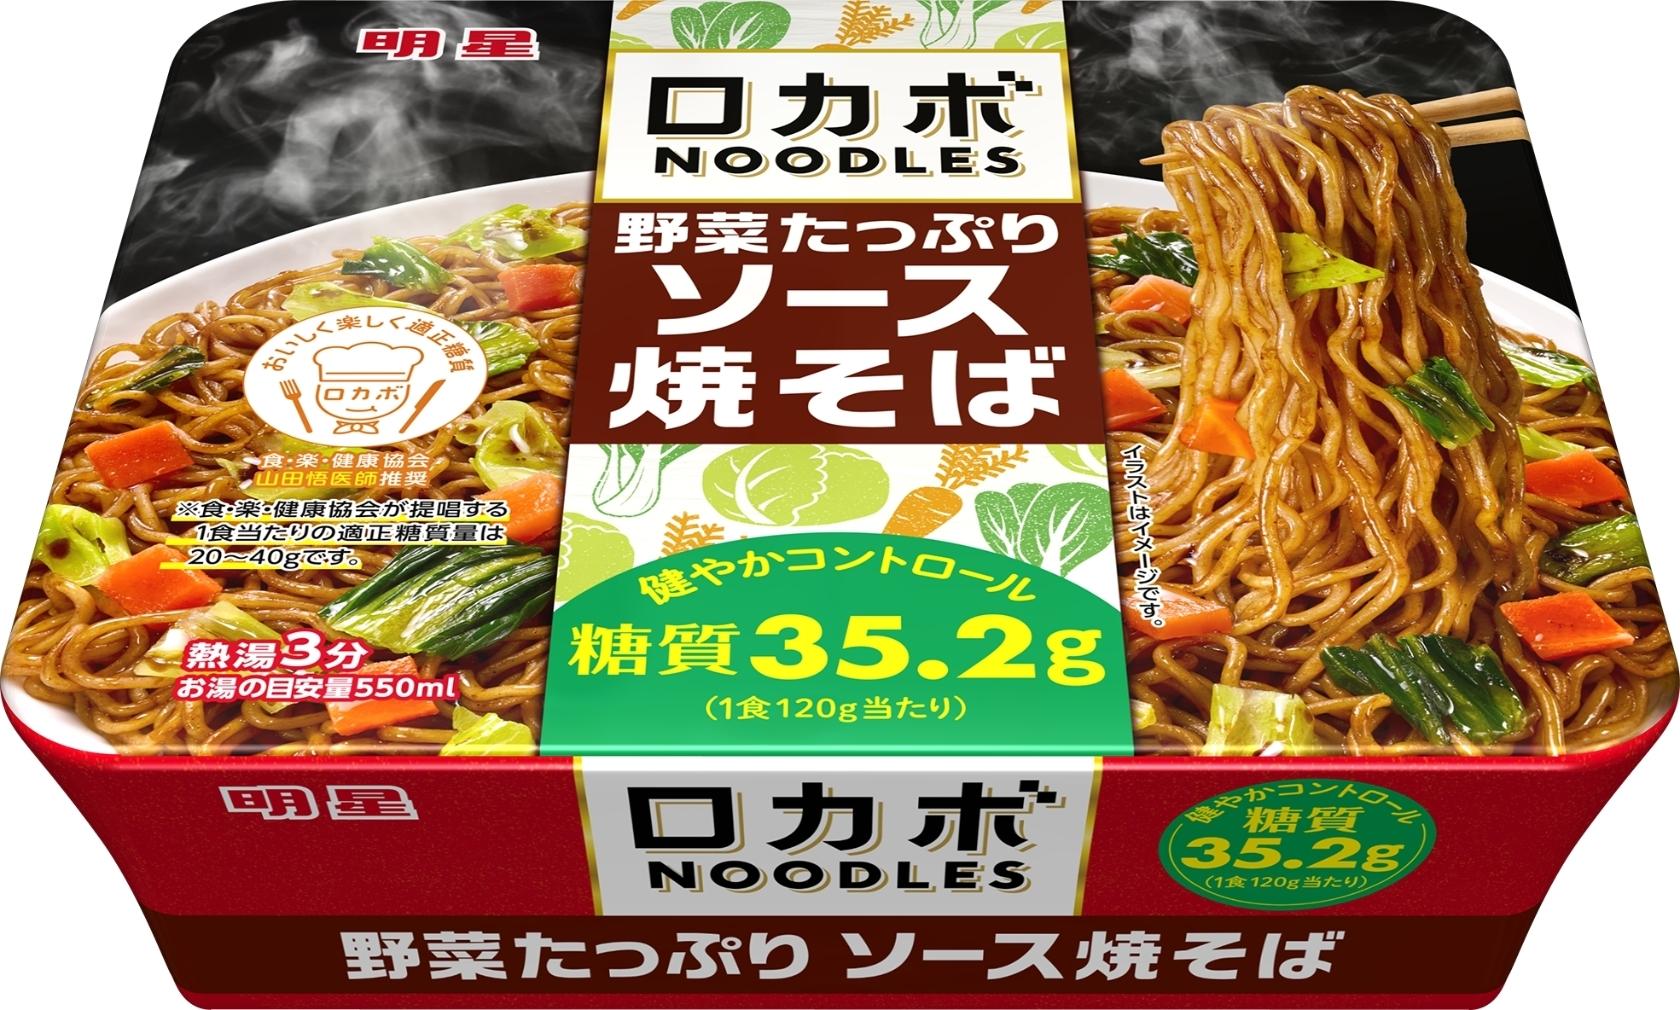 明星食品 ロカボNOODLES 野菜たっぷり ソース焼そば カップ120g